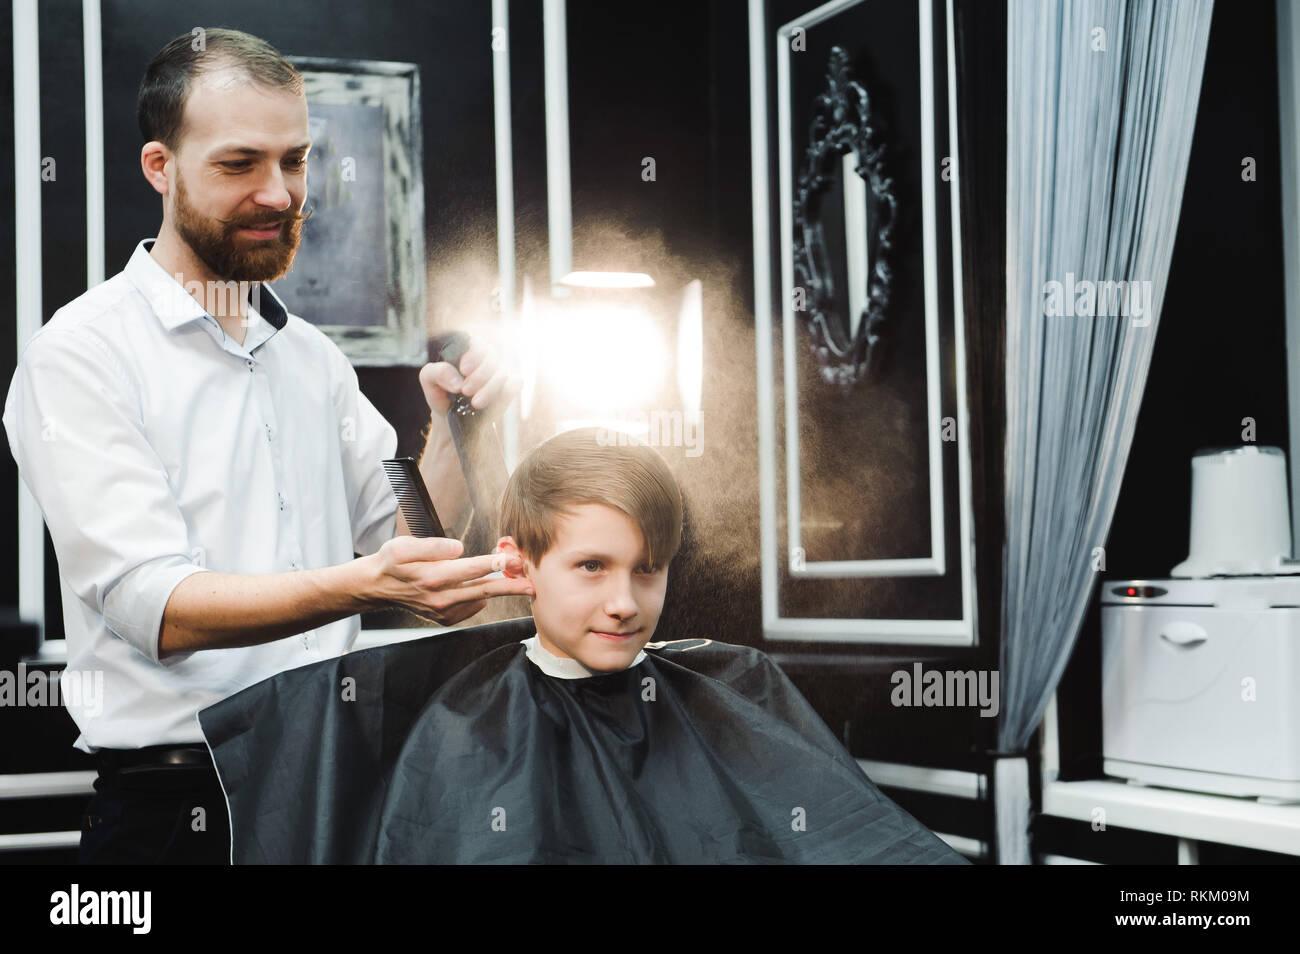 Junge schöne Friseur die Haare schneiden von süßen Jungen in einem